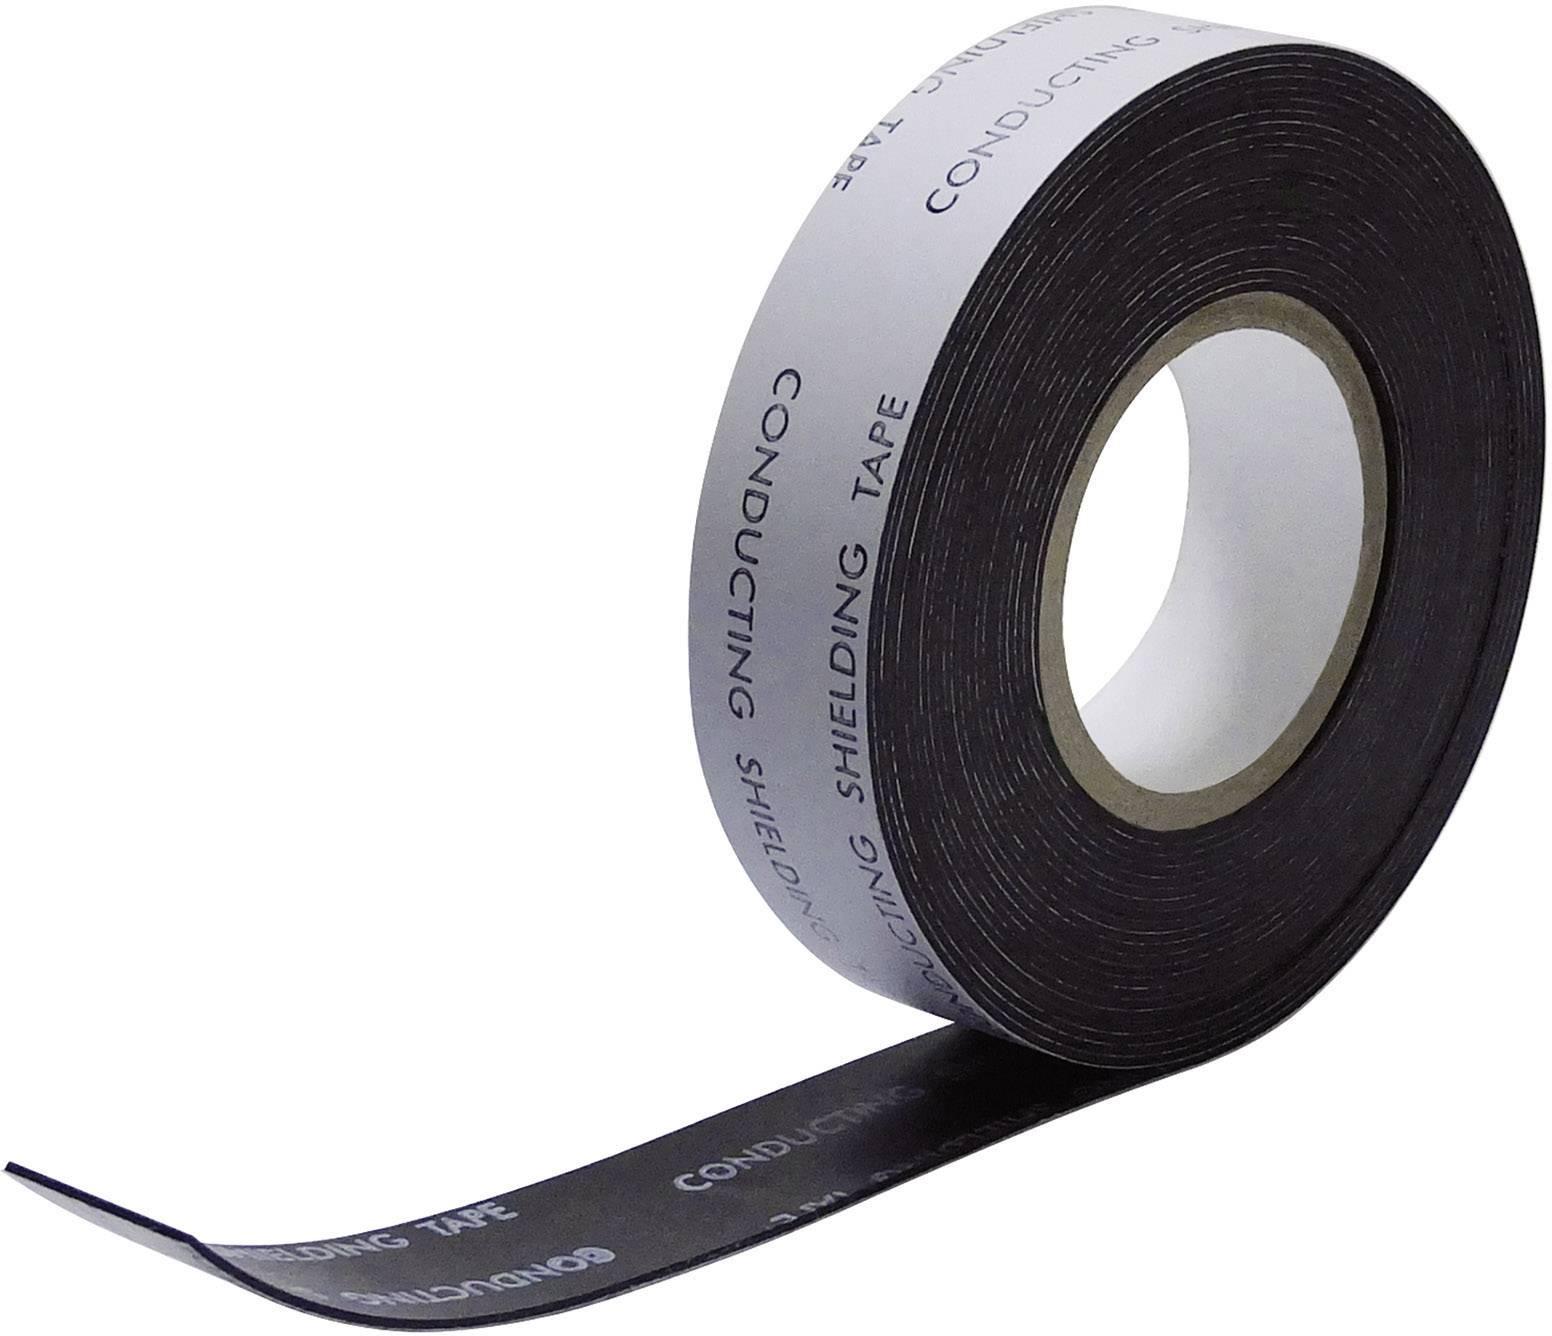 ESD lepicí páska CellPack 125604, 1 role